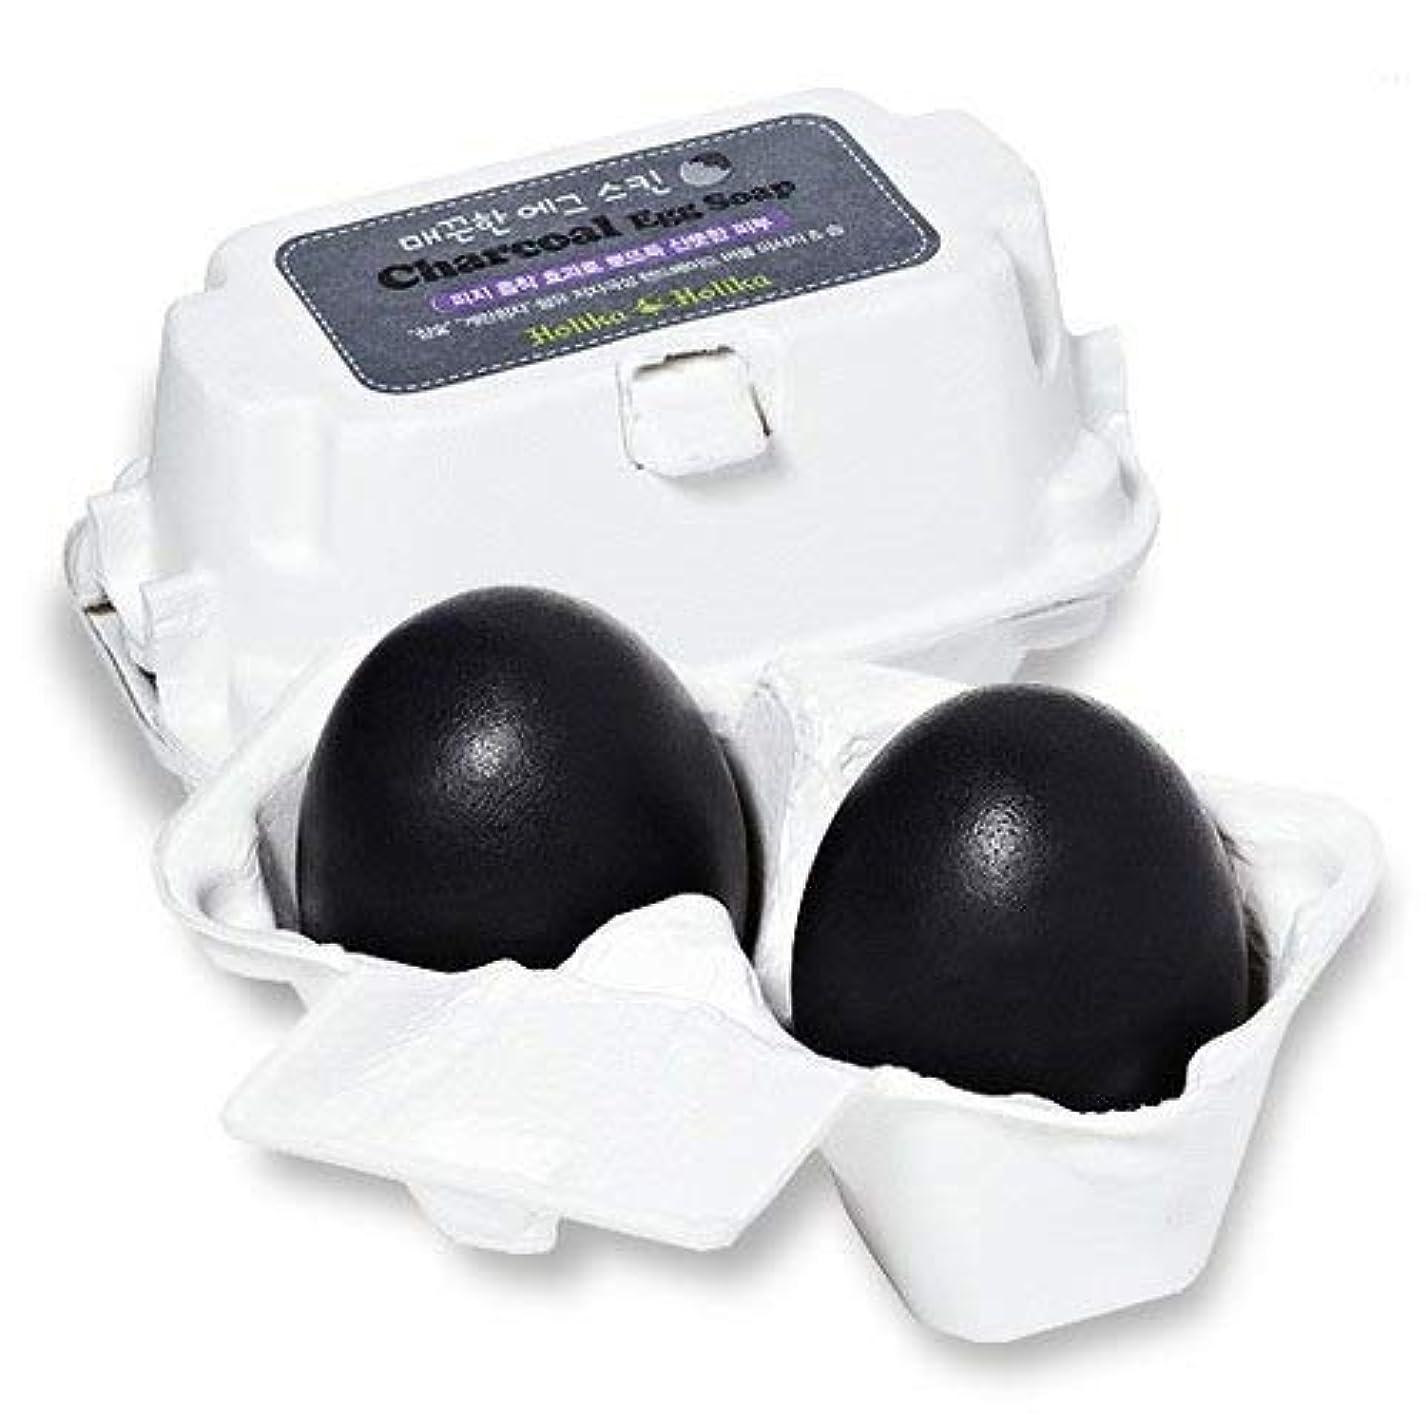 ペパーミント屋内医師[堅炭/Charcoal] Holika Holika Egg Skin Egg Soap ホリカホリカ エッグスキン エッグソープ (50g*2個) [並行輸入品]